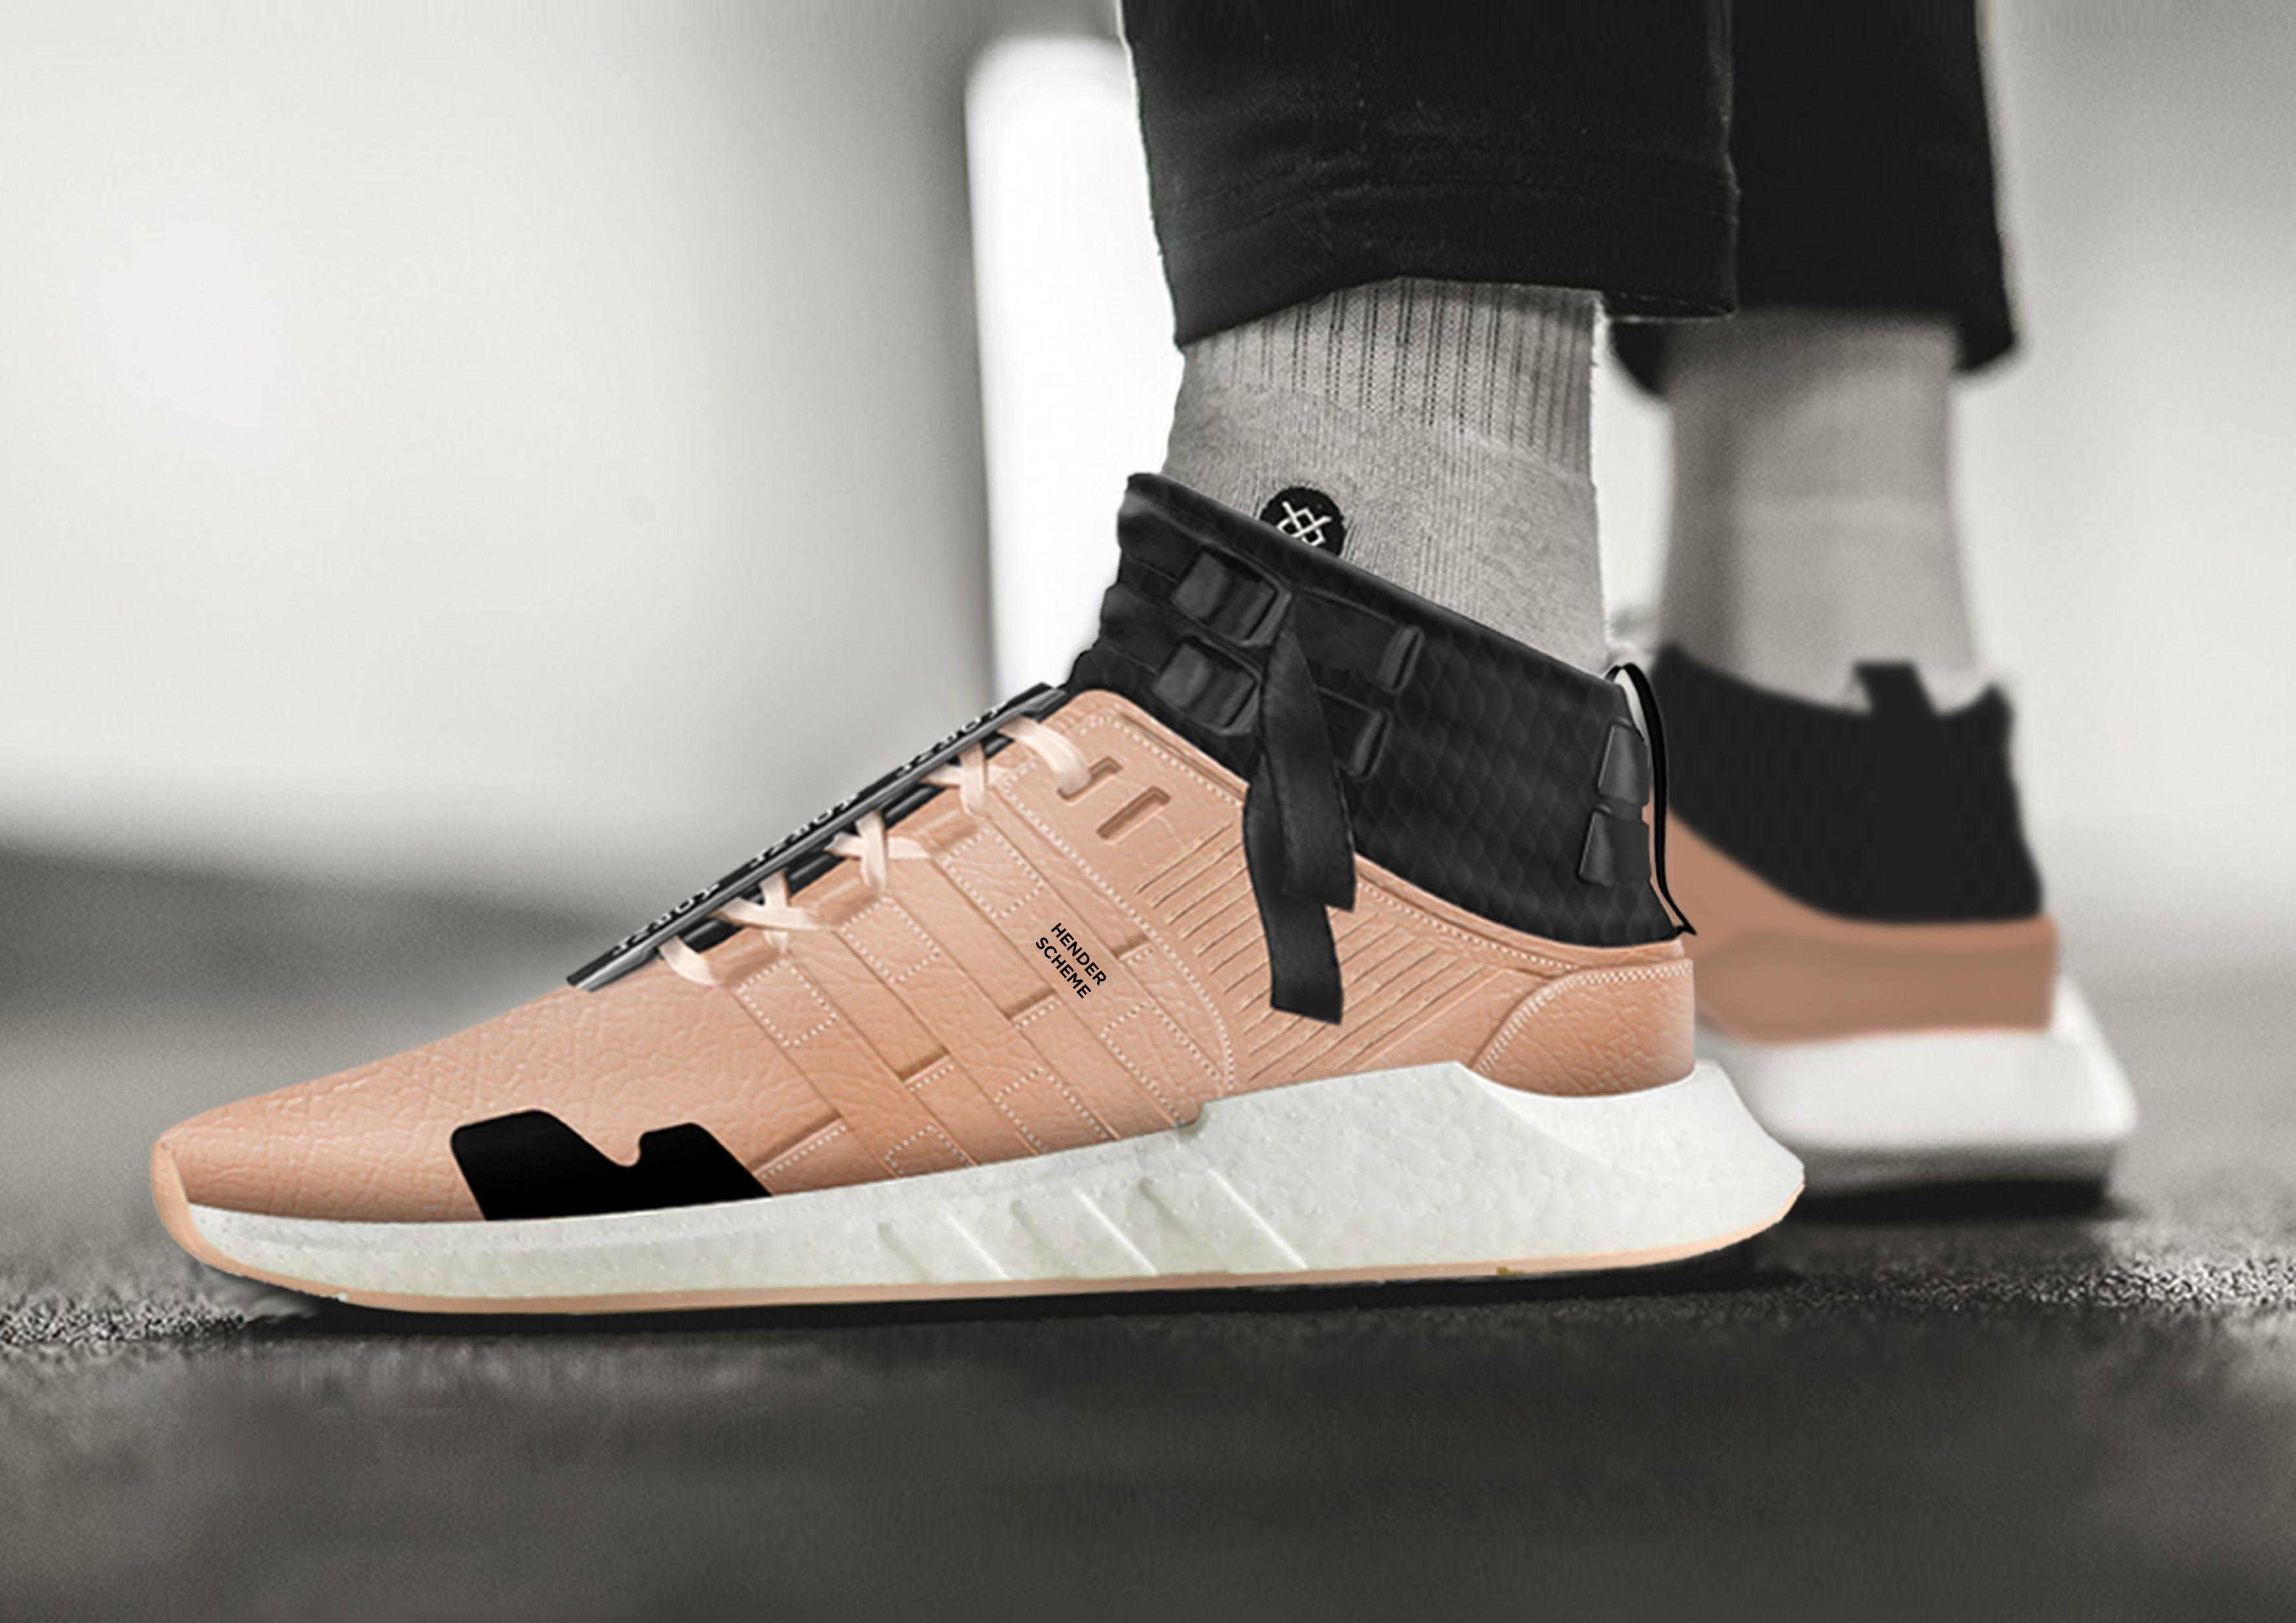 1a06c73cb3efa sneaker adidas eqt x acronym x hender scheme